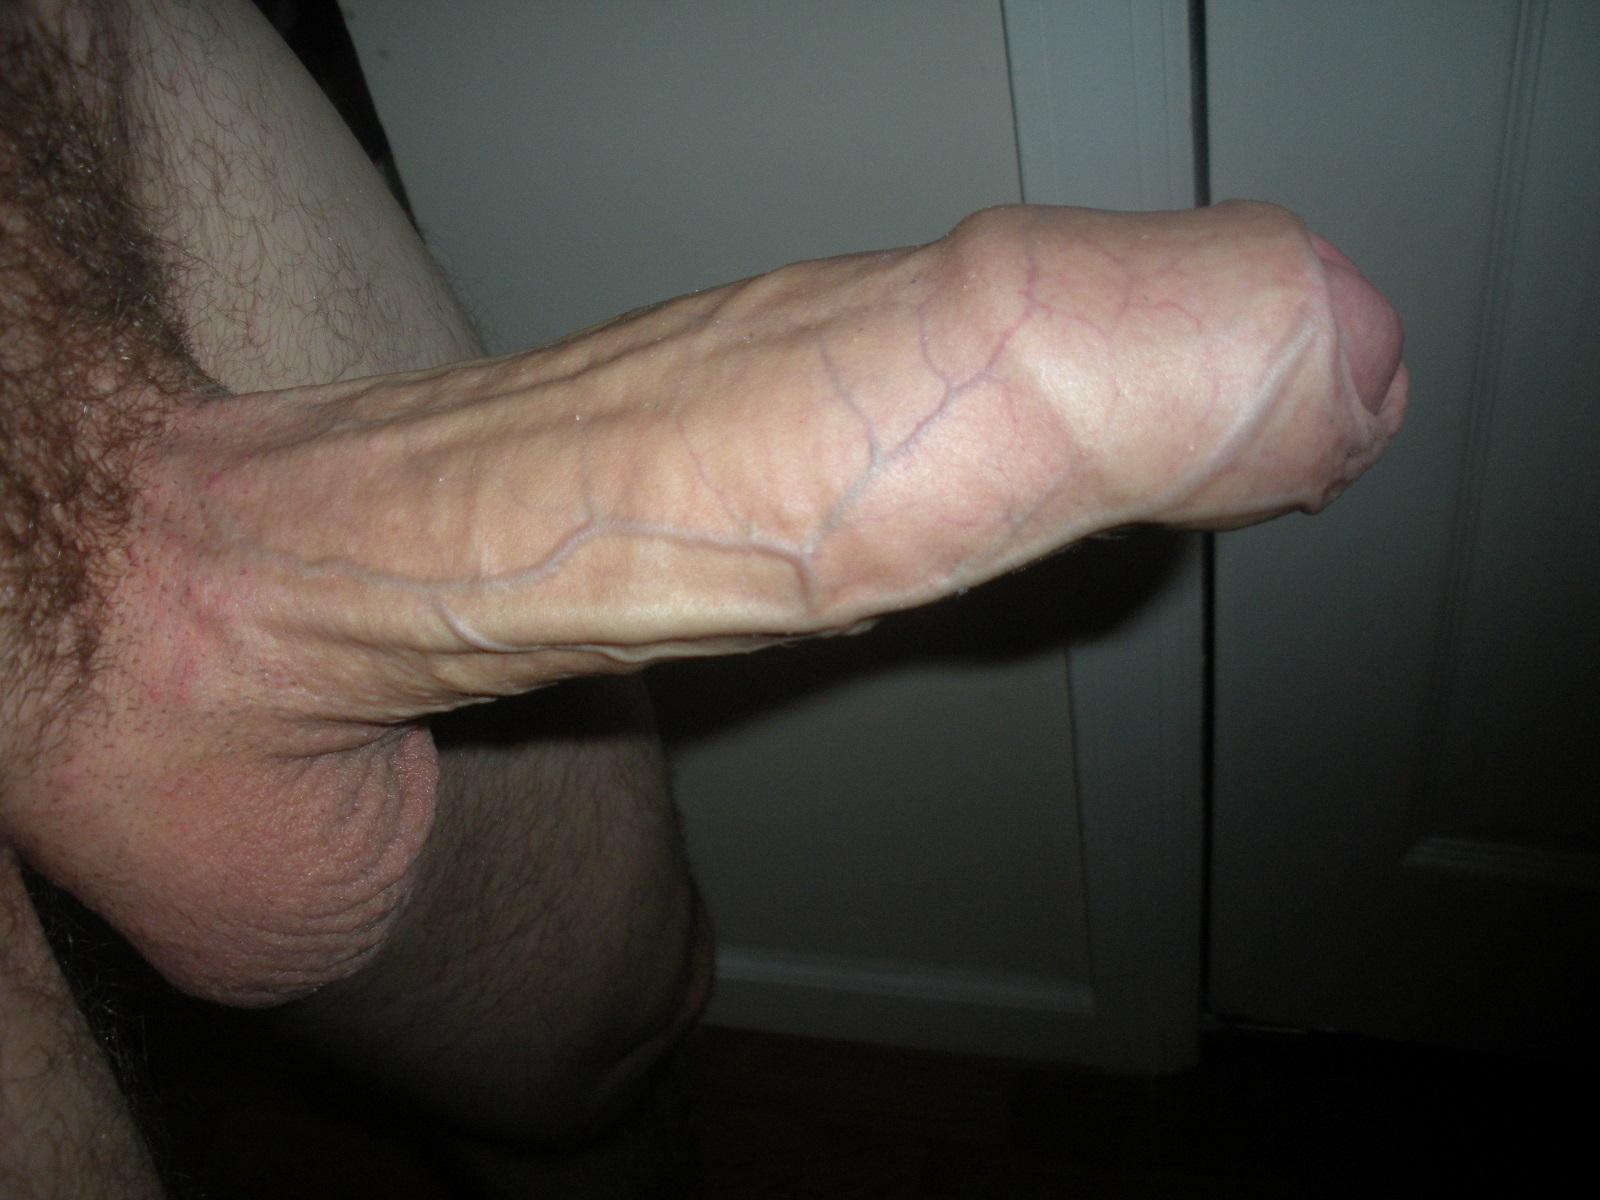 12 inch dildo all in ass deepthroat 2